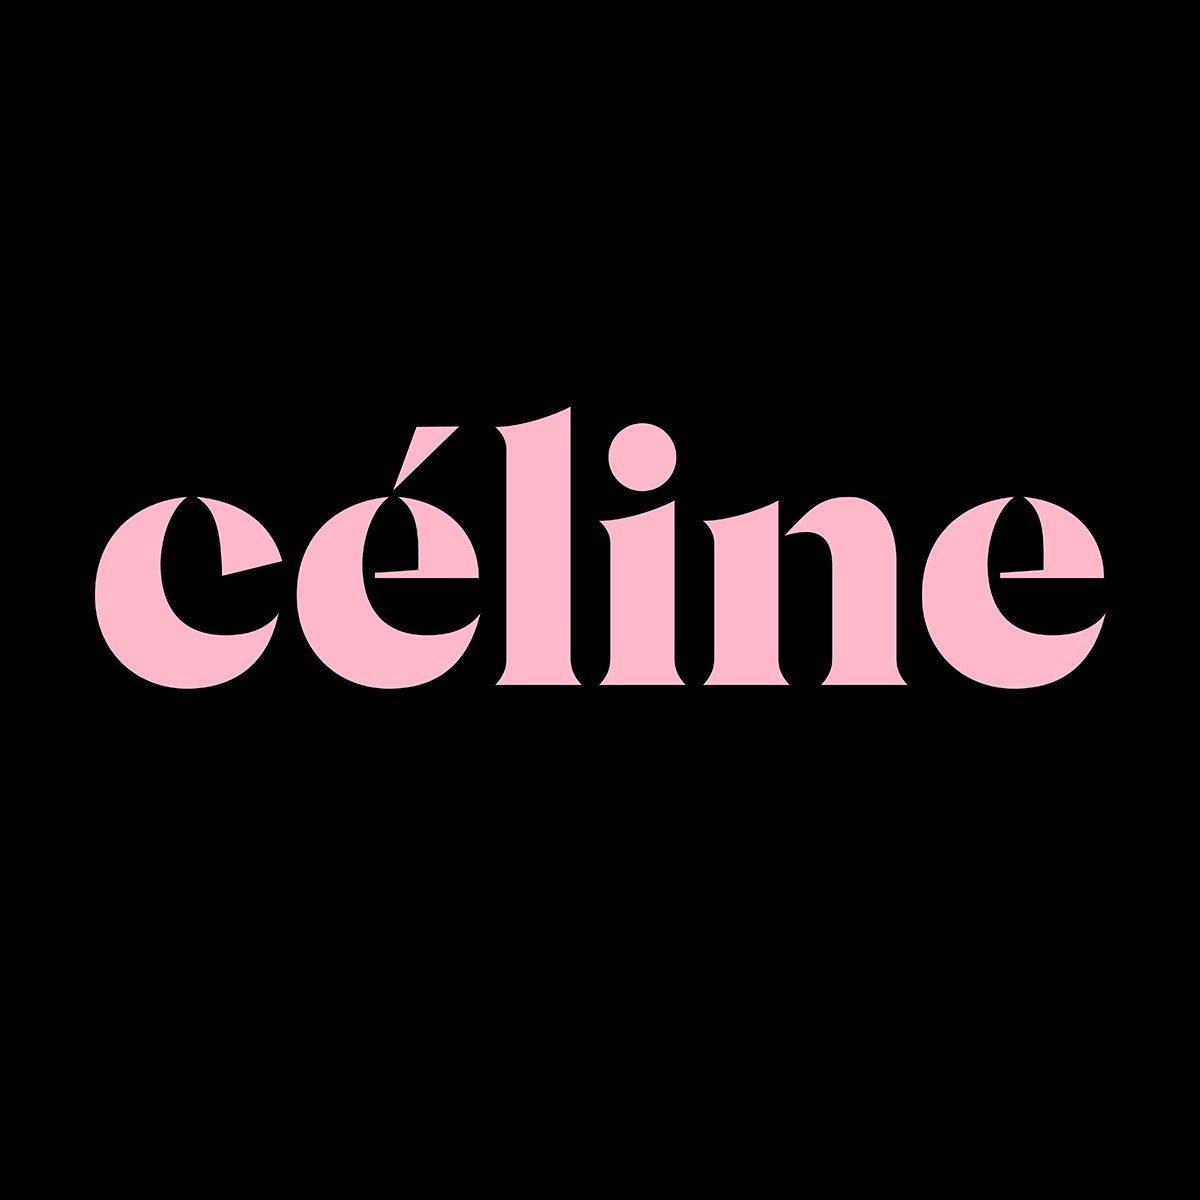 Céline stencil display typeface